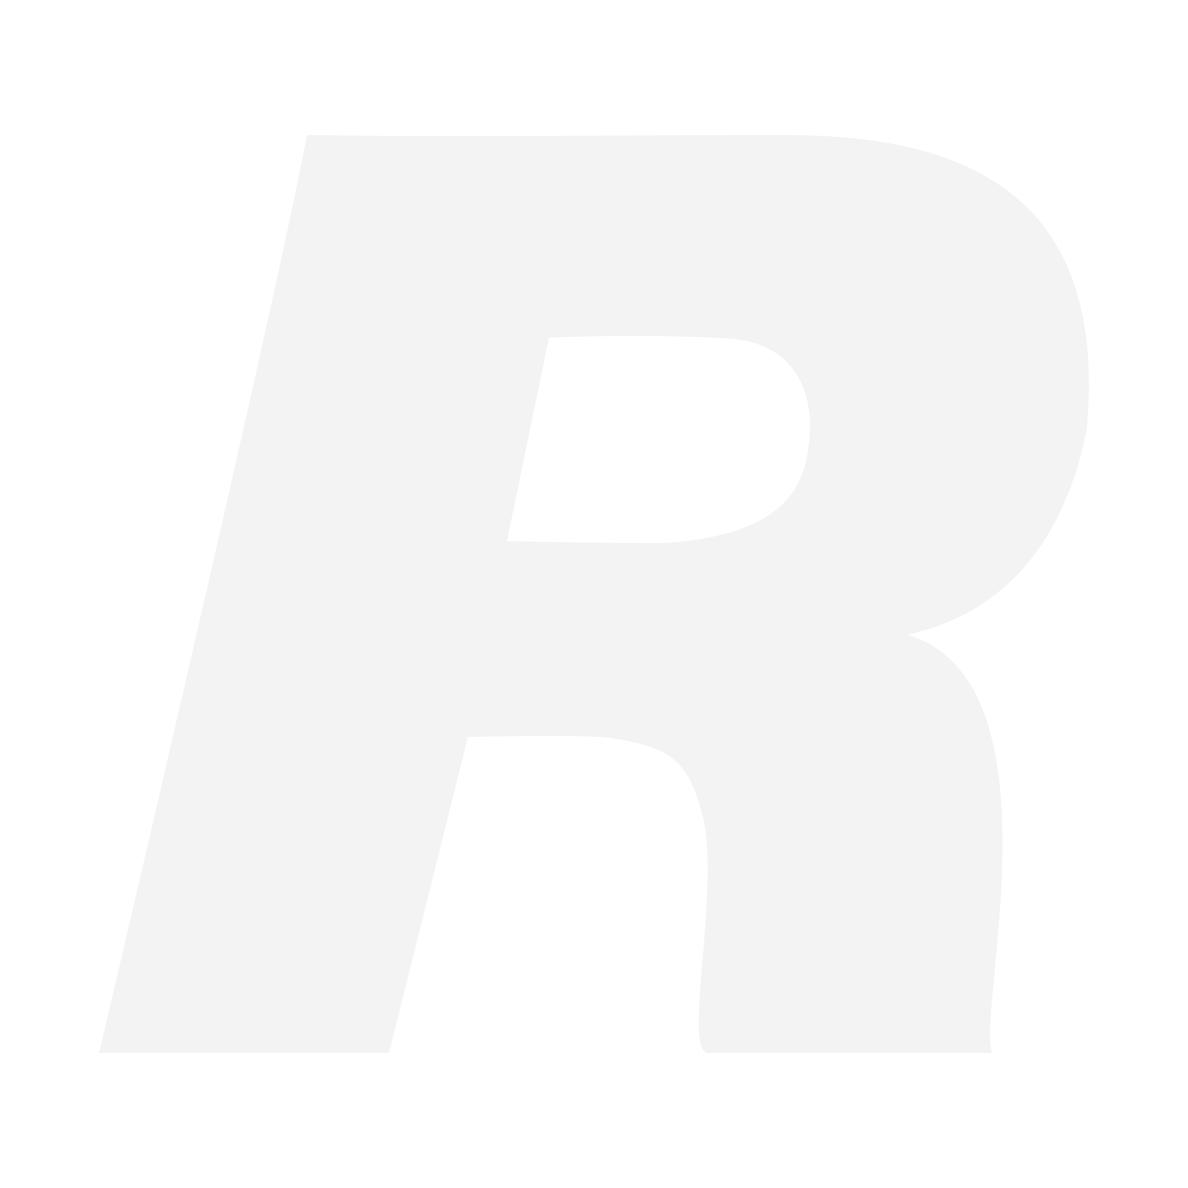 RODE INVIS. LAVALIER MOUNT 3PK